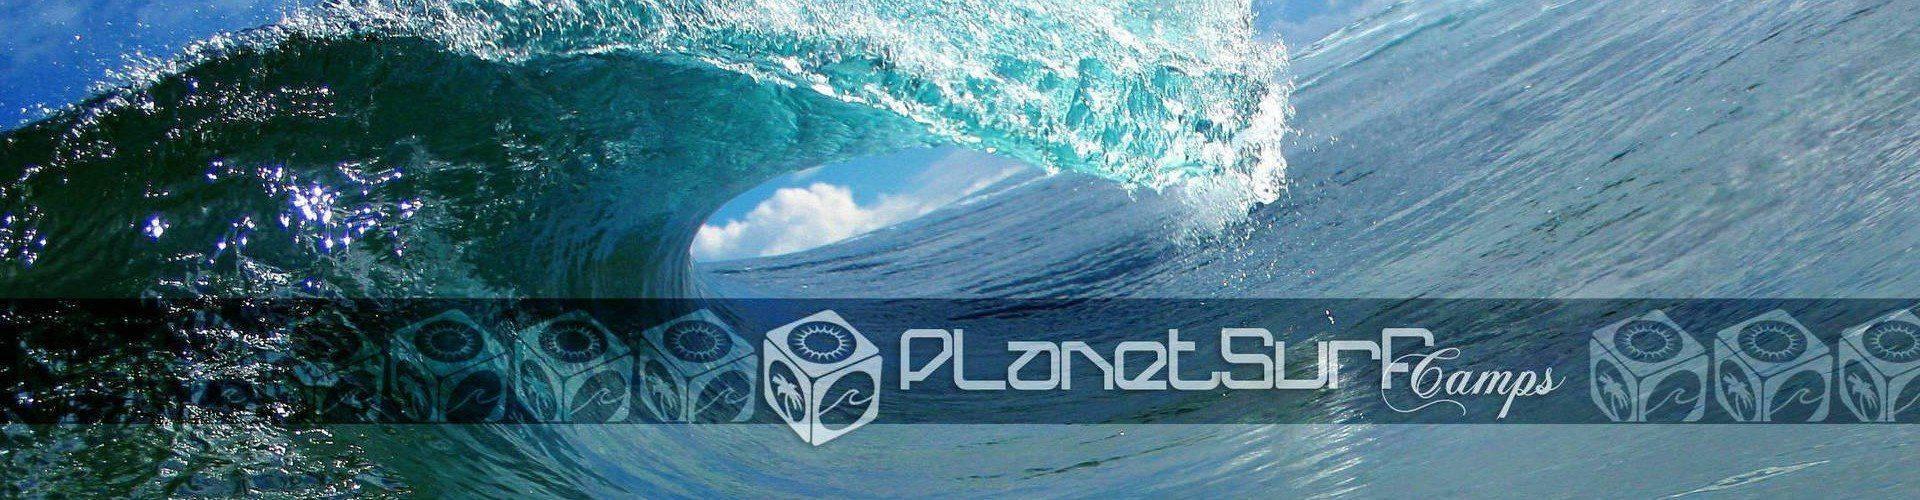 Surfkurse mit guten Wellen Flecken